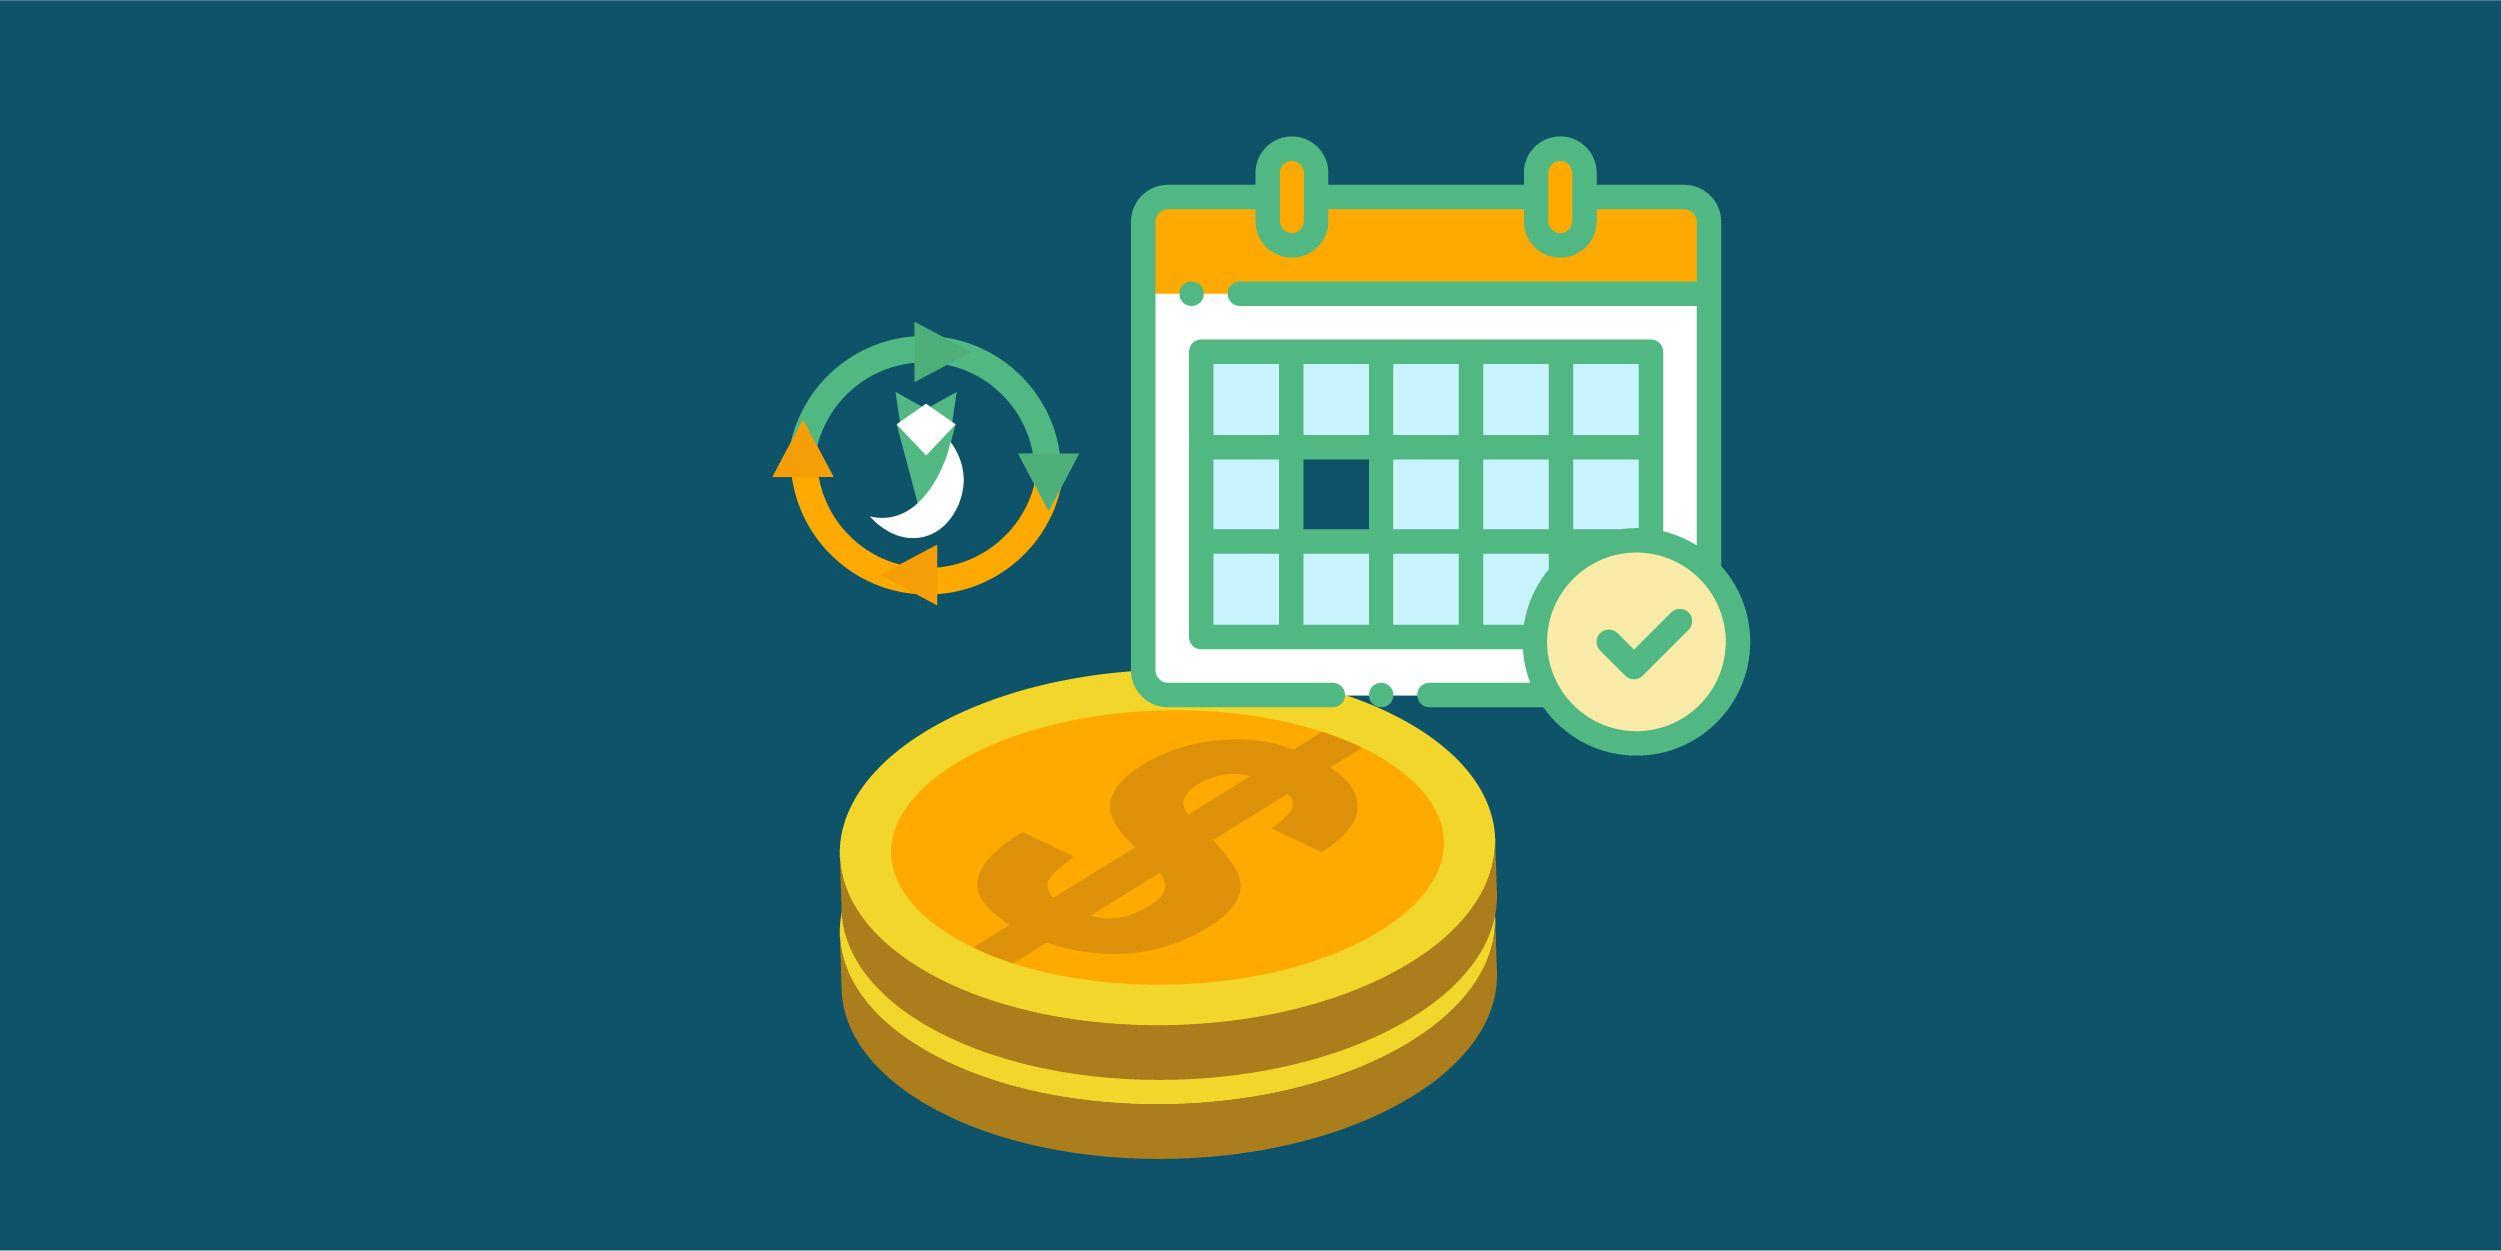 سعر الدولار اليوم 22 ابريل في البنوك المصرية